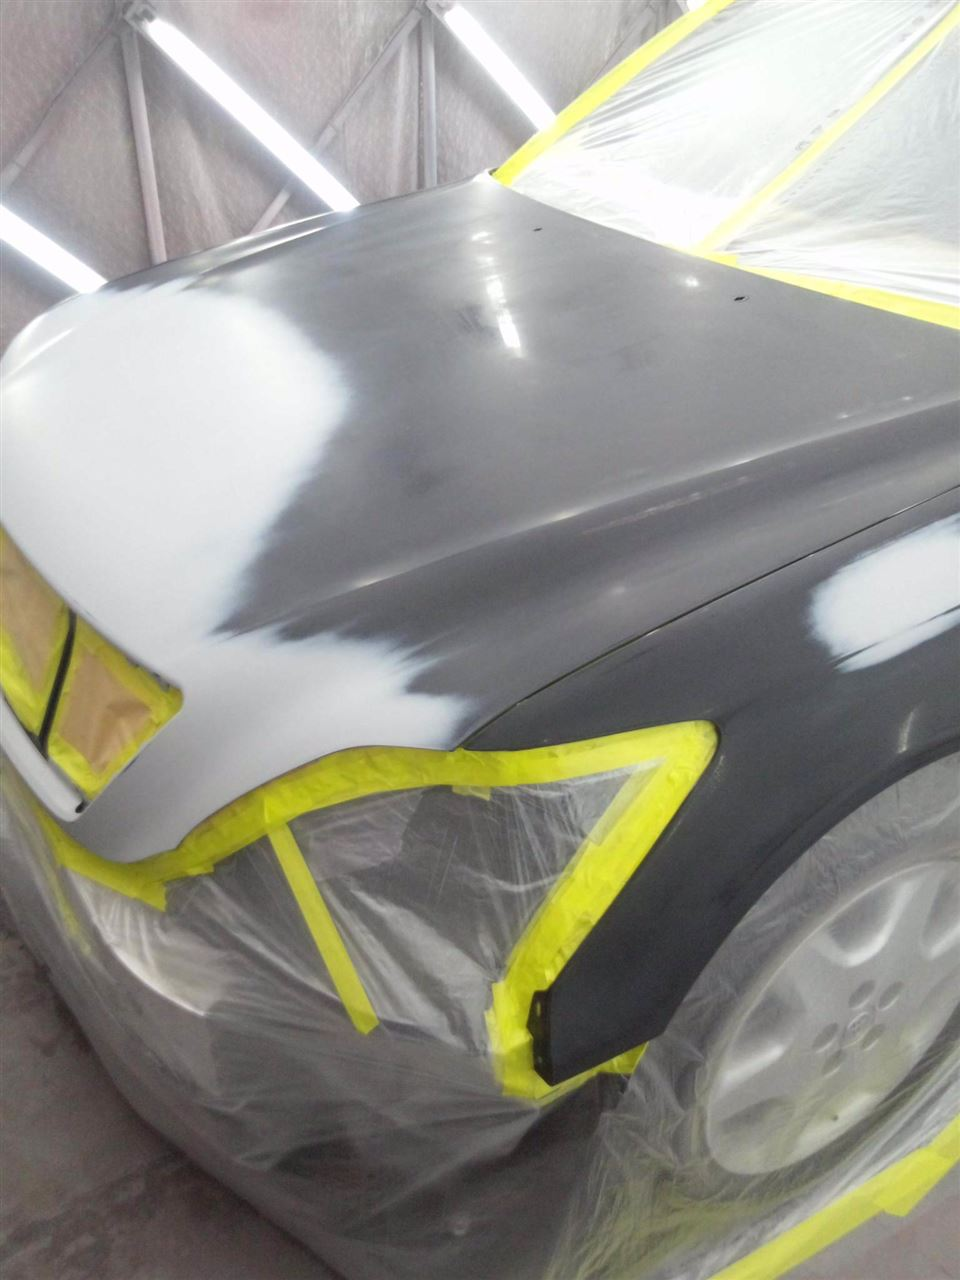 東京都立川市の車の板金塗装修理工場 ガレージローライドのトヨタ セルシオの前まわり リヤまわりのキズ へこみ の板金 修理 塗装 です。